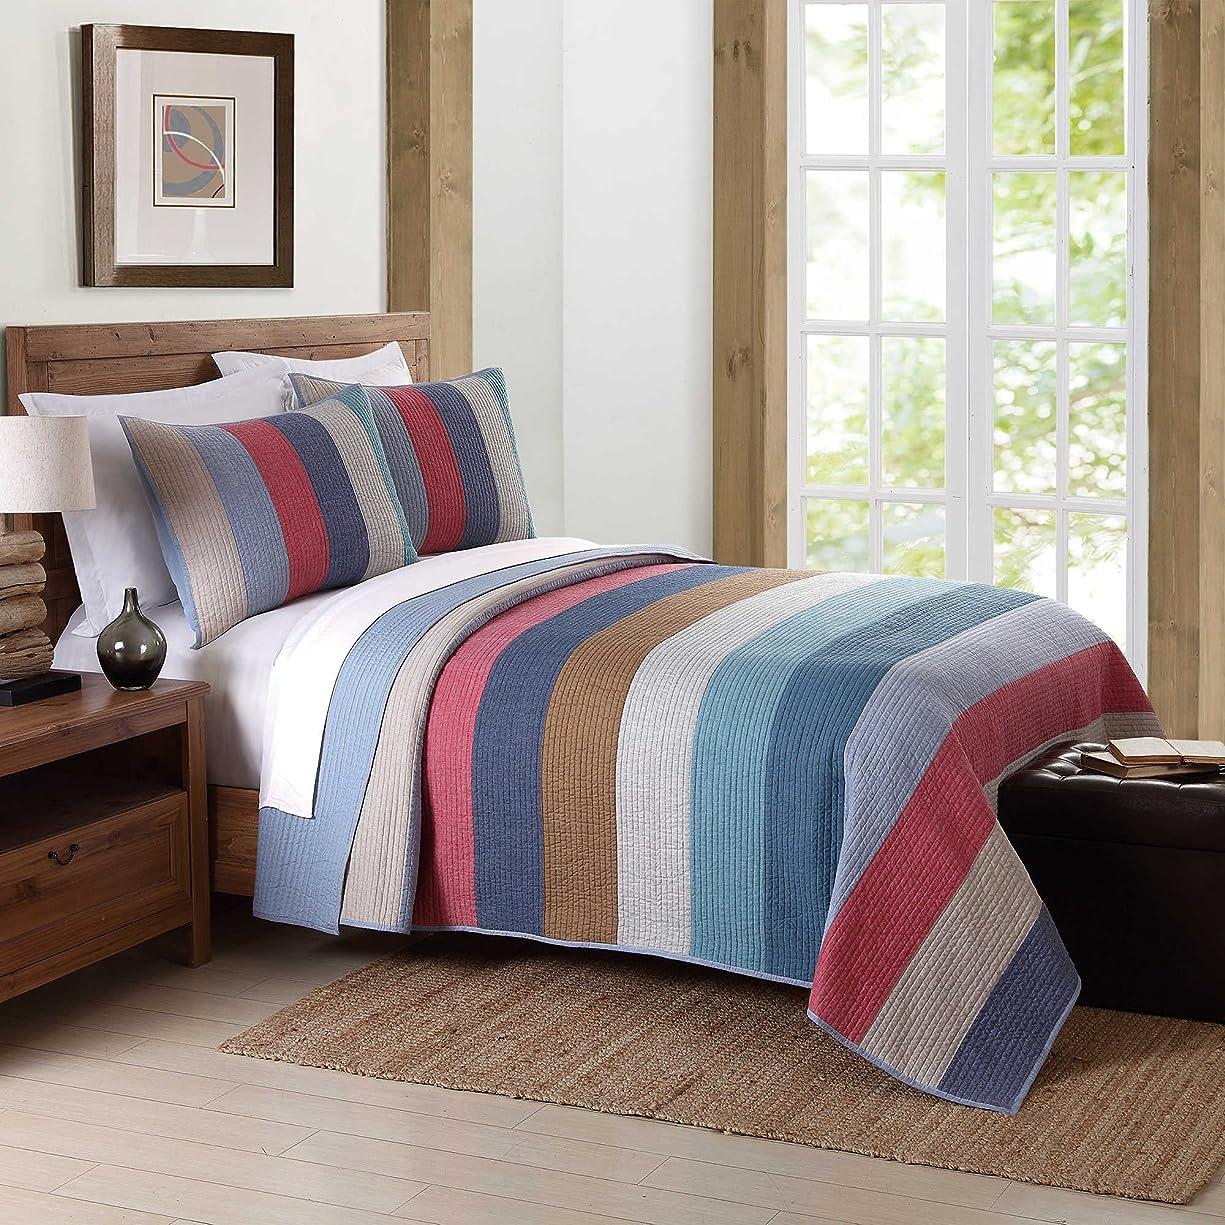 悲しみ溝牧草地Brooklynルーム標準サイズ枕シャムからのGarrett寝具コレクションpqw9771ss-1112